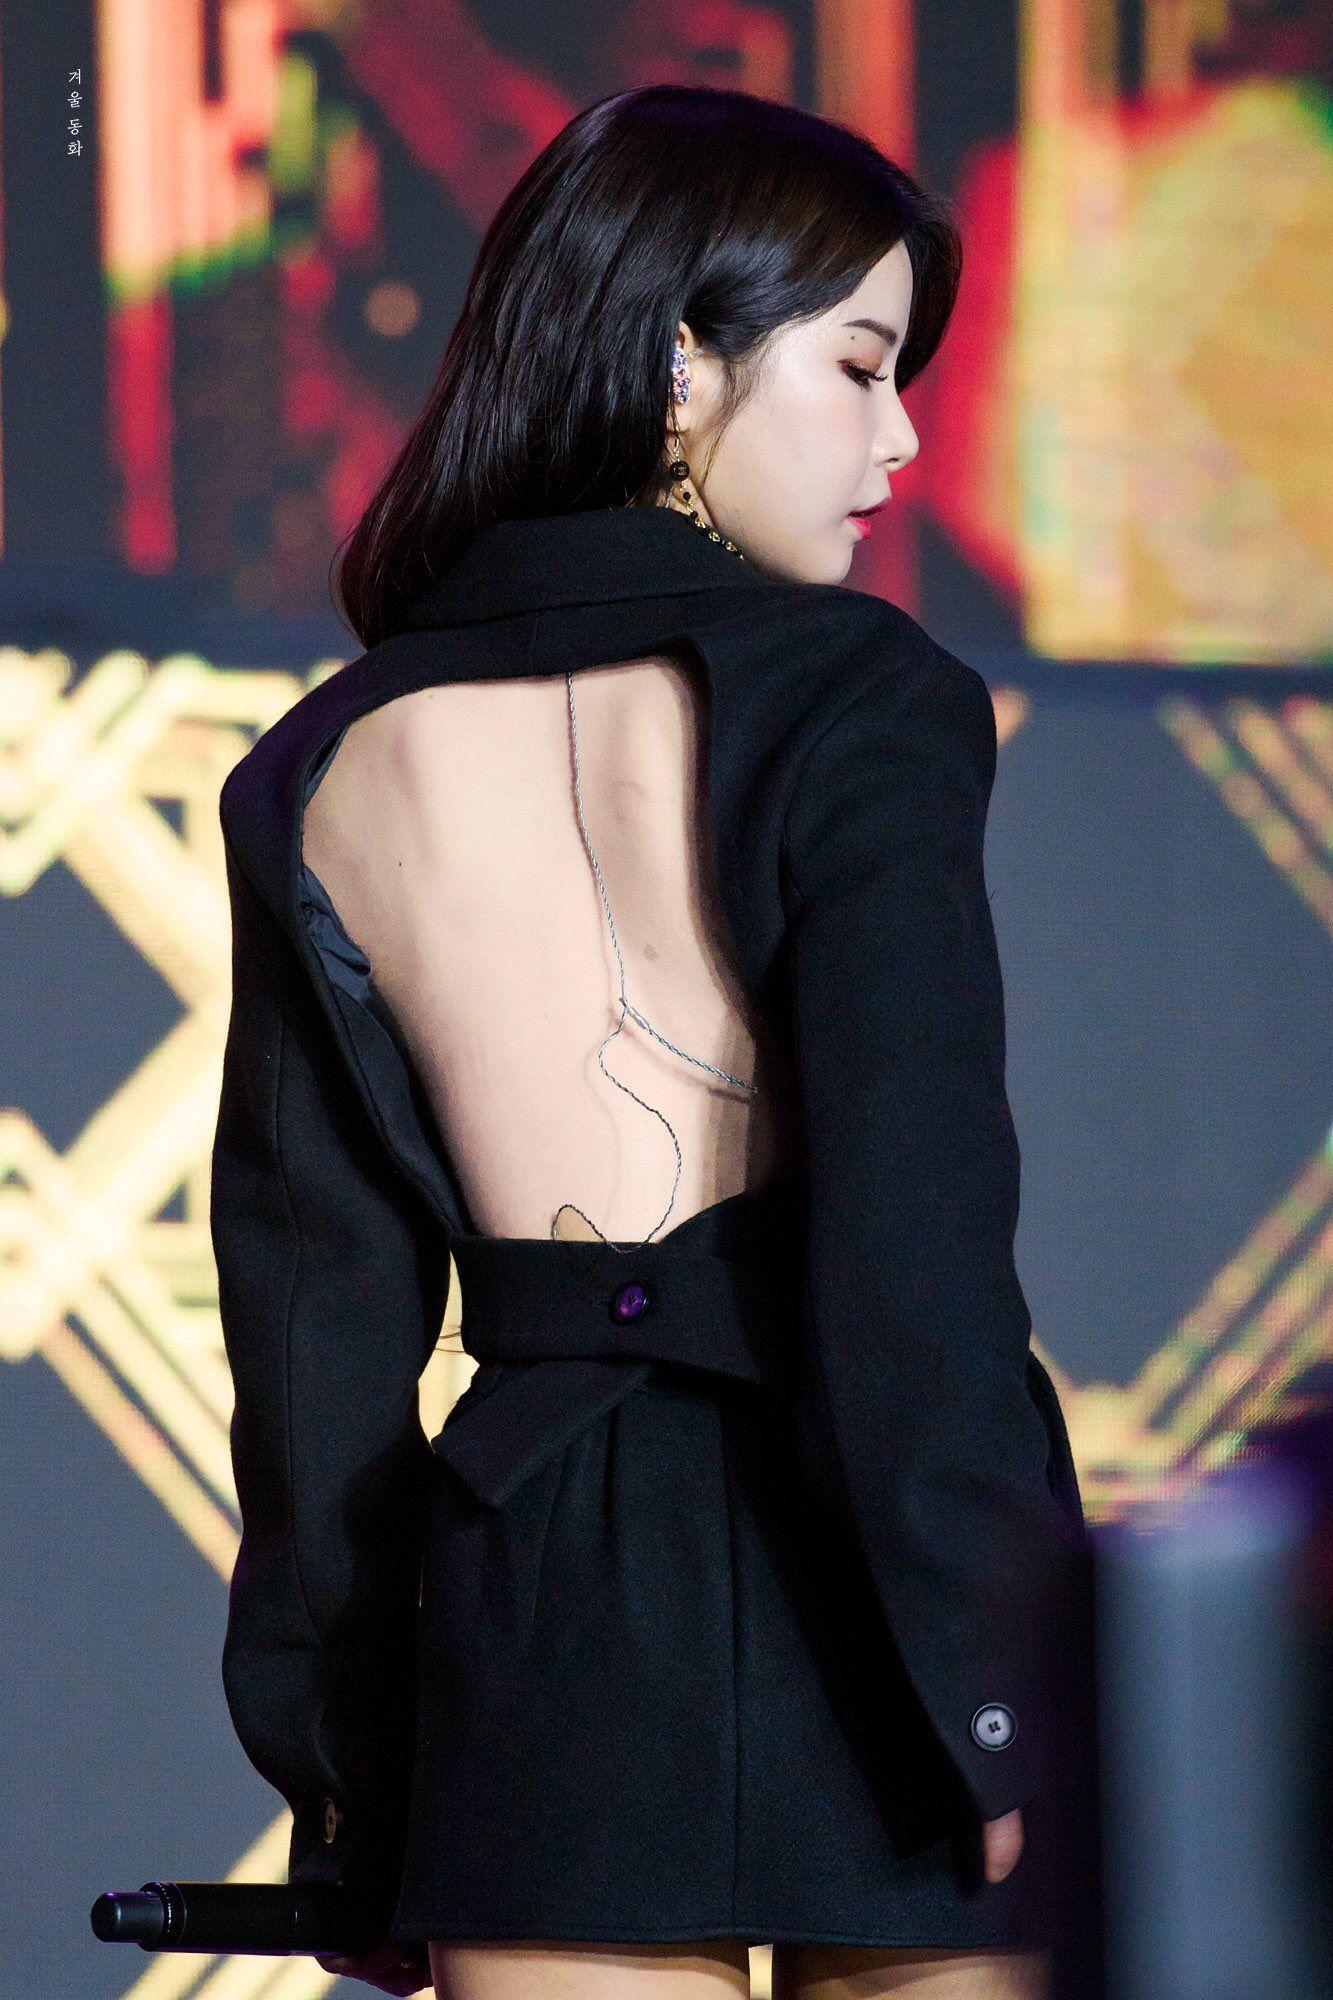 Idol Kbiz so kè cực gắt khi diện đồ hở lưng: Jisoo kín nhất BLACKPINK, Irene – Yoona cạnh tranh ngôi nữ hoàng - ảnh 15